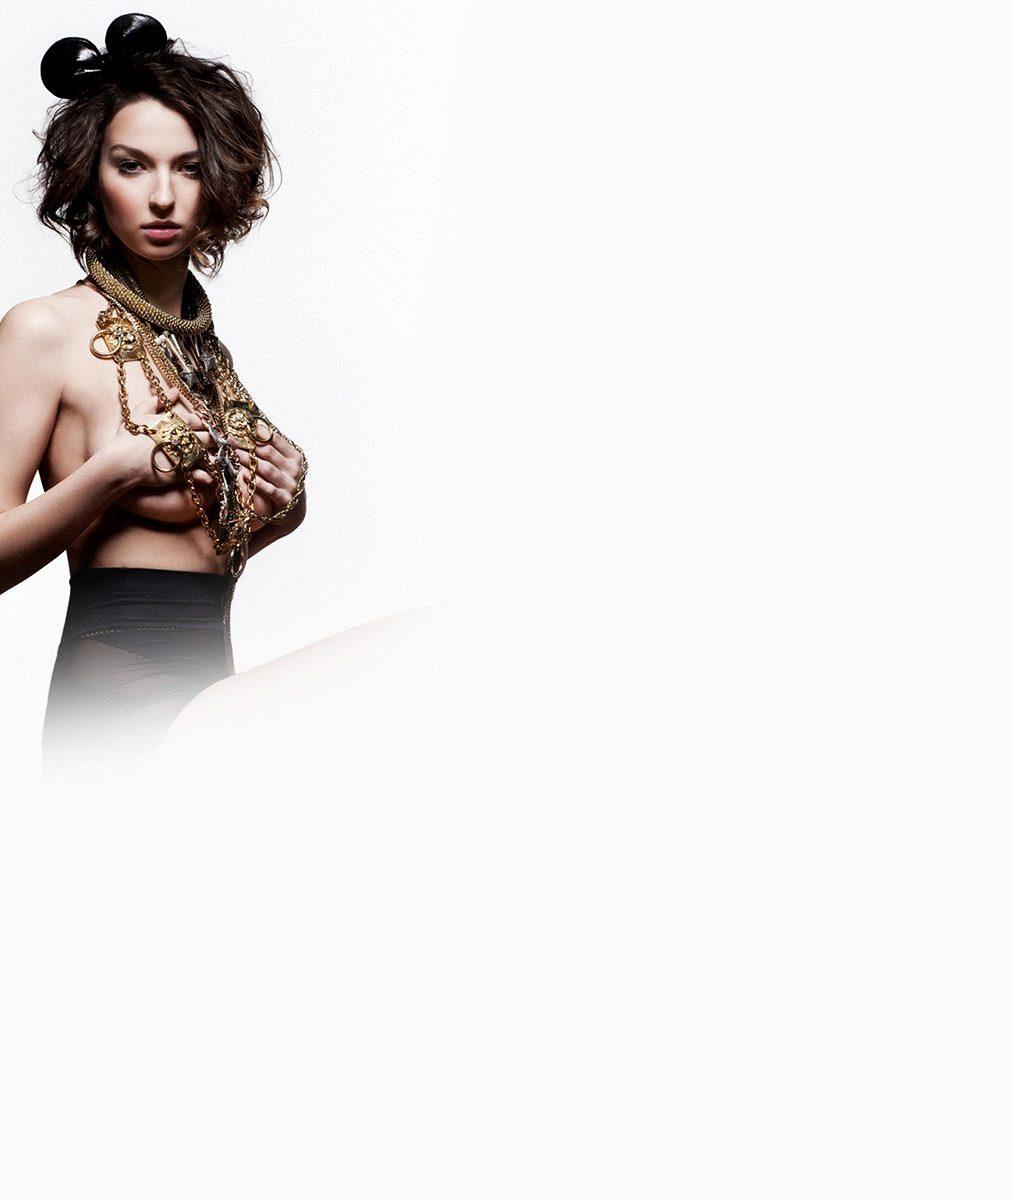 Vnadná Fergie, sexy Katy Perry i Eva Pilarová: Připomeňte si úžasné proměny vítězky Tváře Bereniky Kohoutové